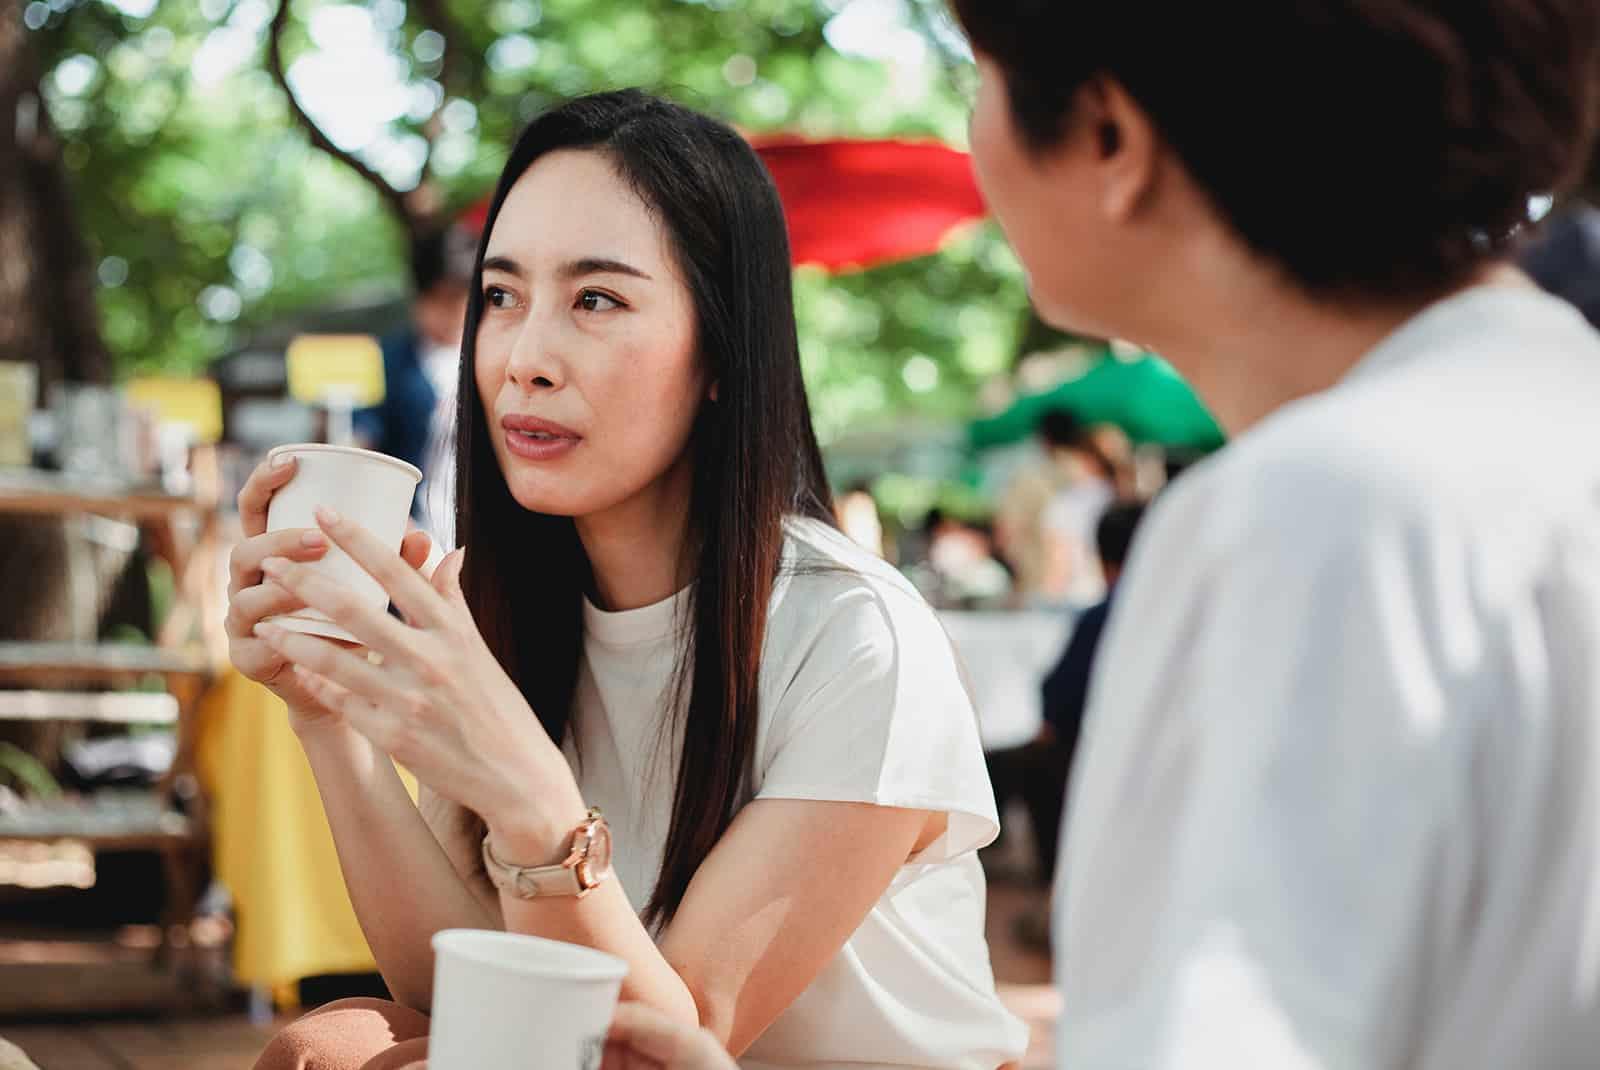 Deux amies ayant une conversation sérieuse tout en buvant du café dans la rue